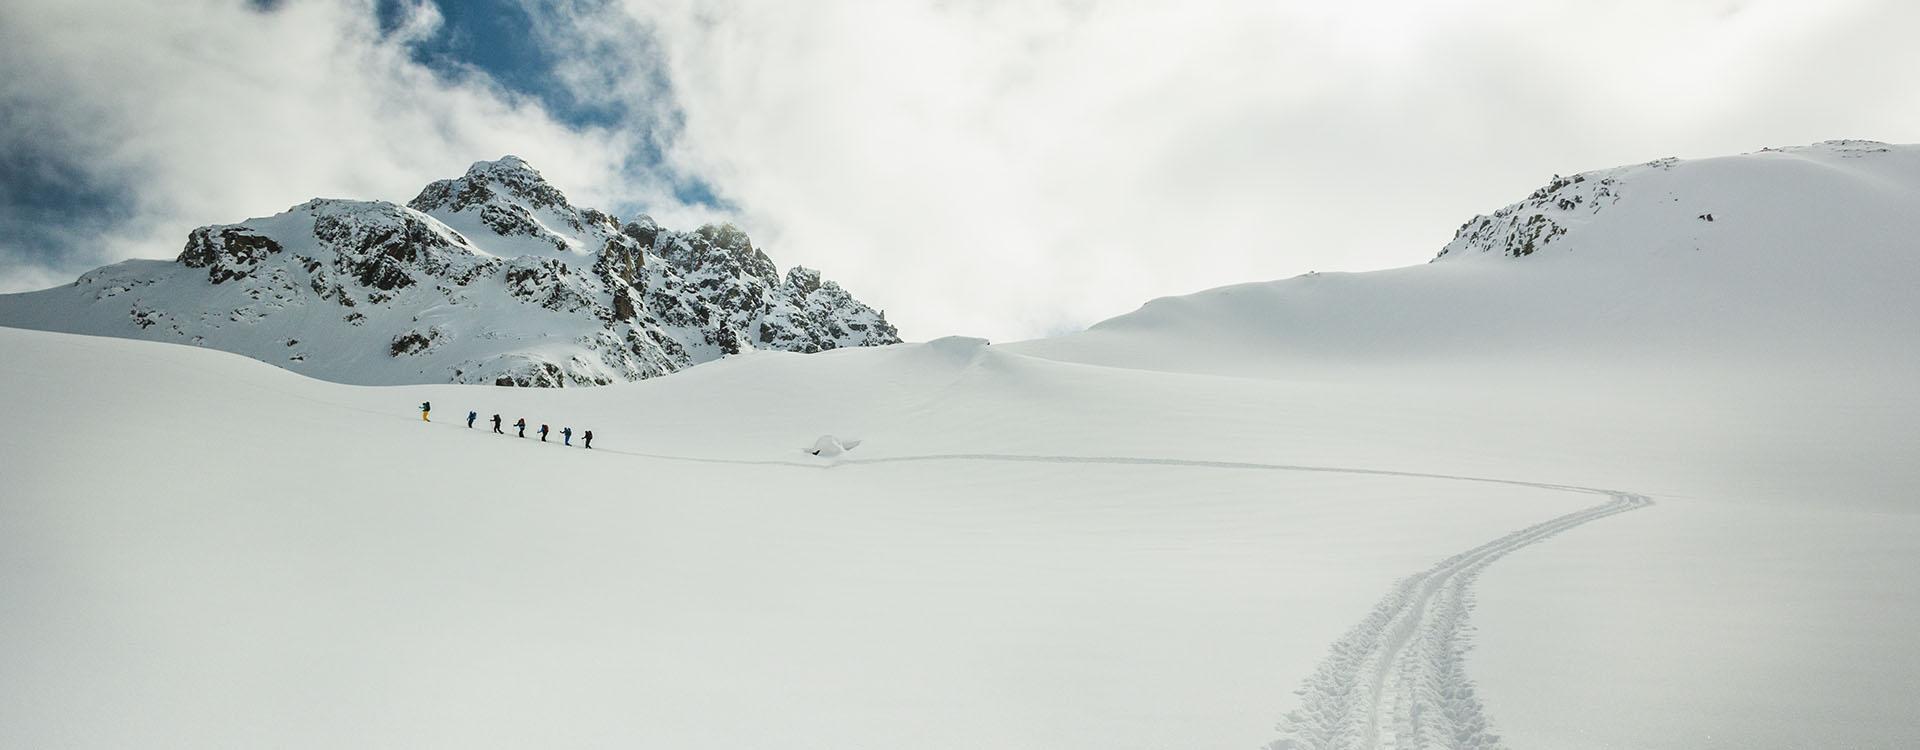 gefuehrte-skitouren-in-den-alpen-mit-bergfuehrer